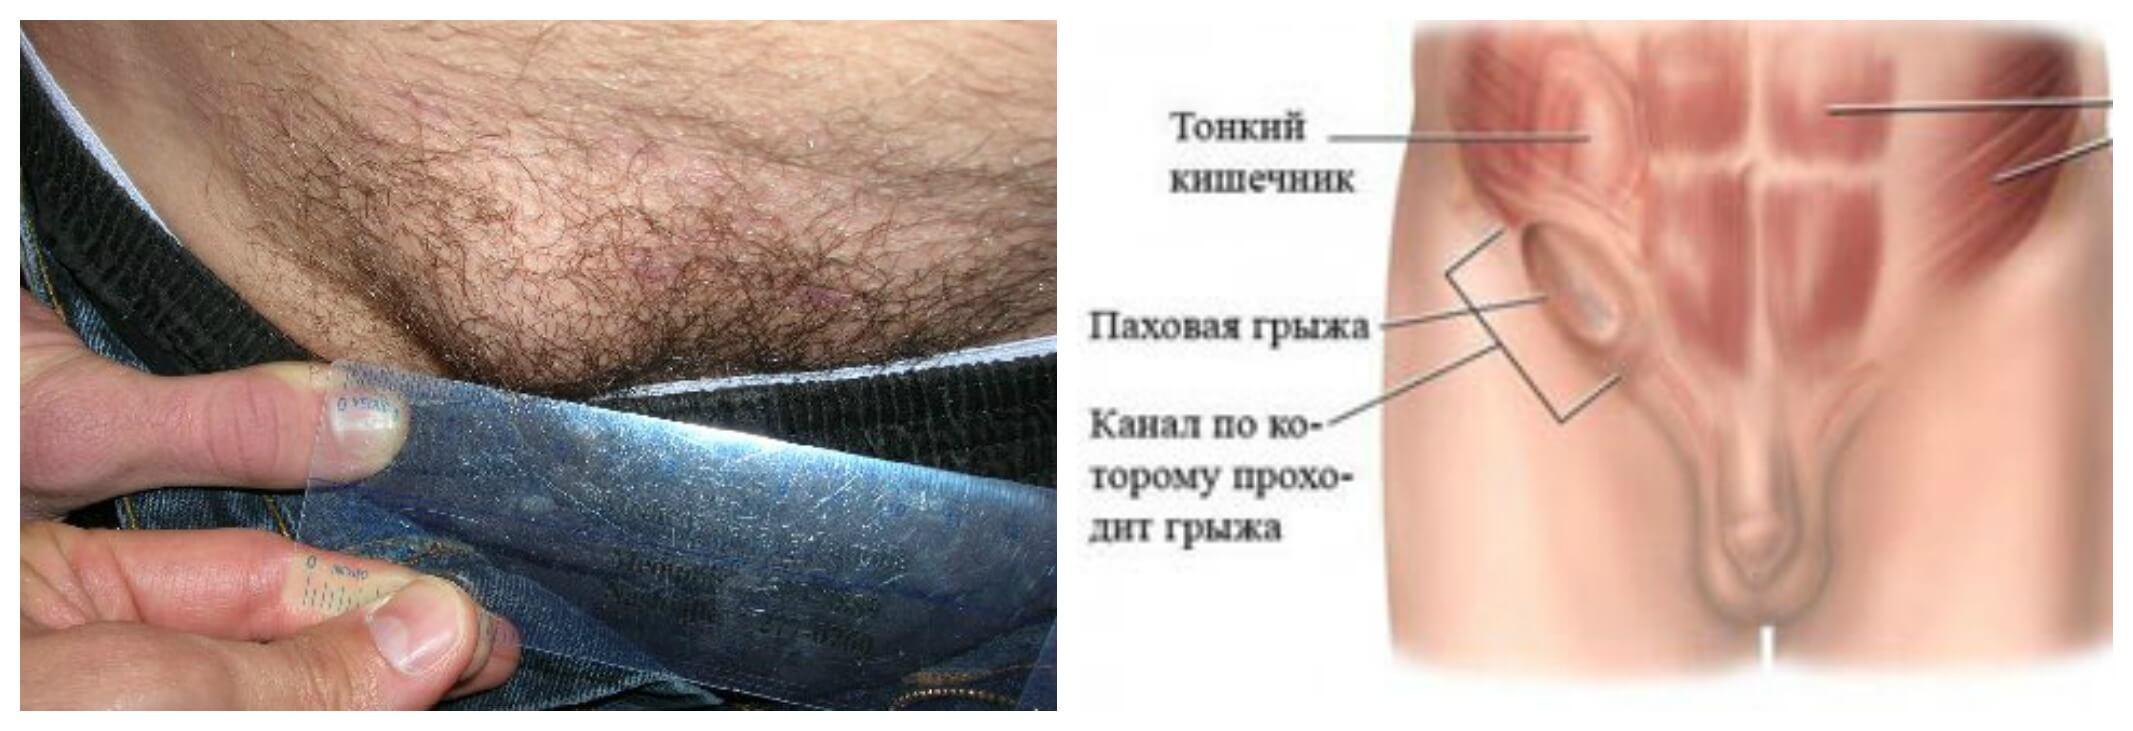 основной признак паховой грыжи у мужчин